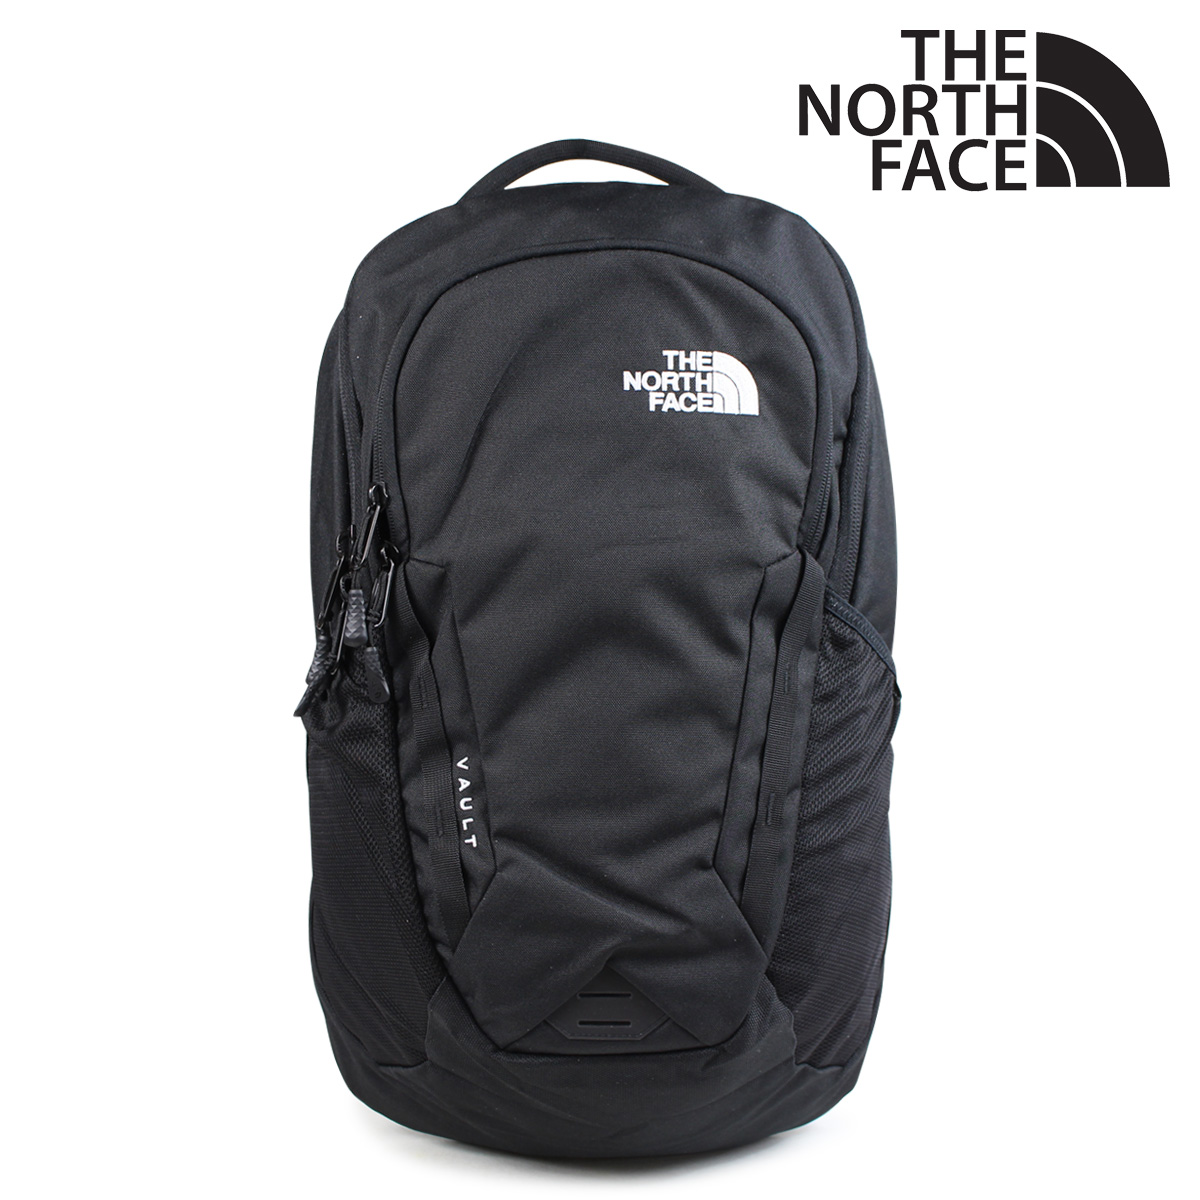 ノースフェイス THE NORTH FACE リュック メンズ バックパック VAULT T93KV9JK3 ブラック [予約商品 4/10頃入荷予定 再入荷]